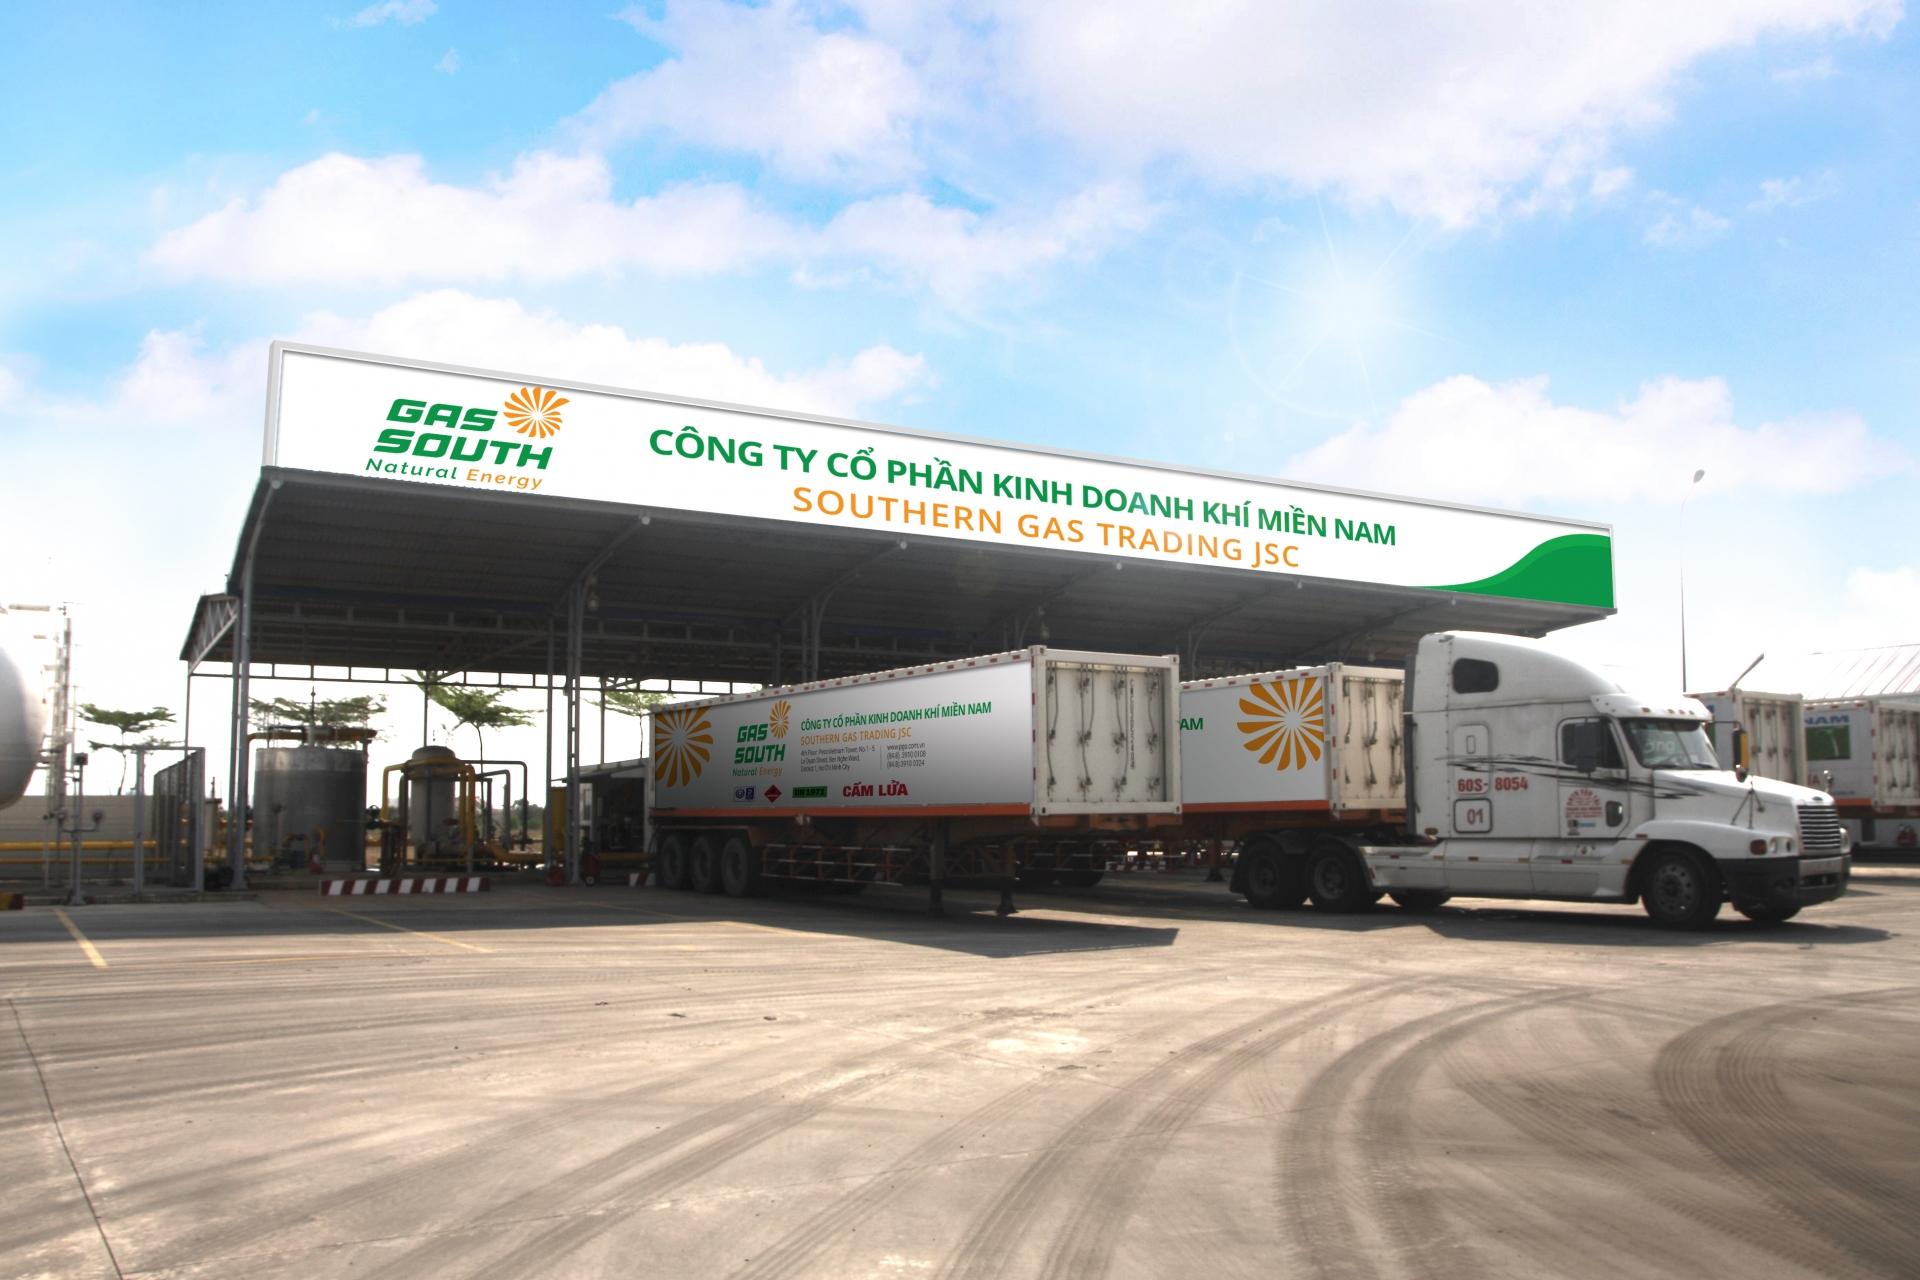 Gas South – Một trong những doanh nghiệp cung cấp năng lượng hàng đầu tại phía Nam